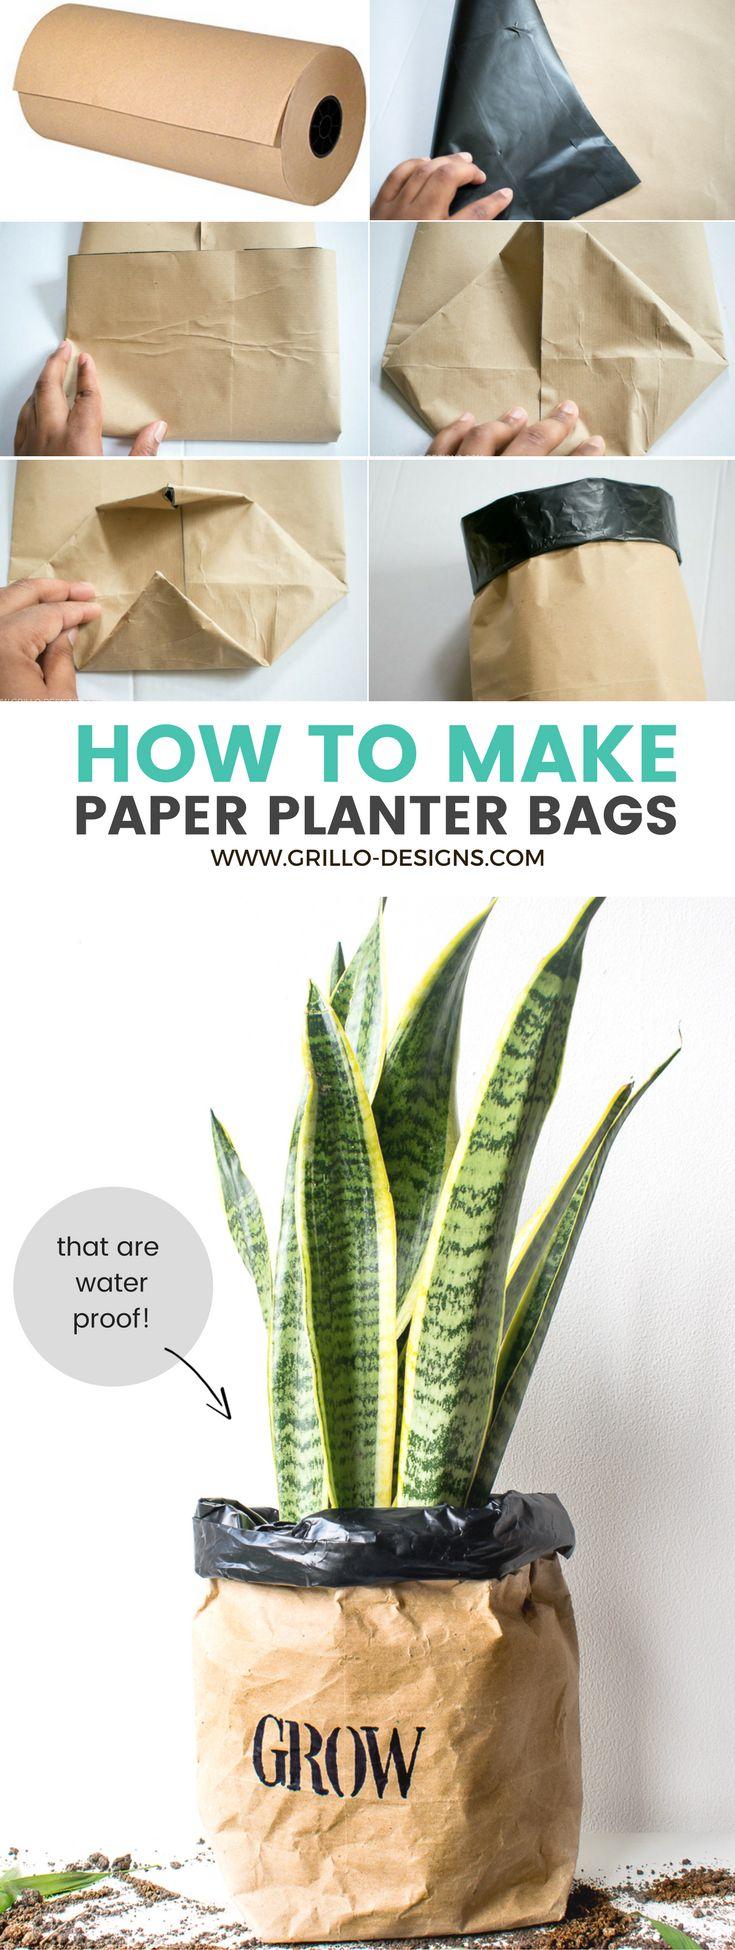 DIY Anleitung für wasserabweisende Tüten als Übertöpfe für Pflanzen